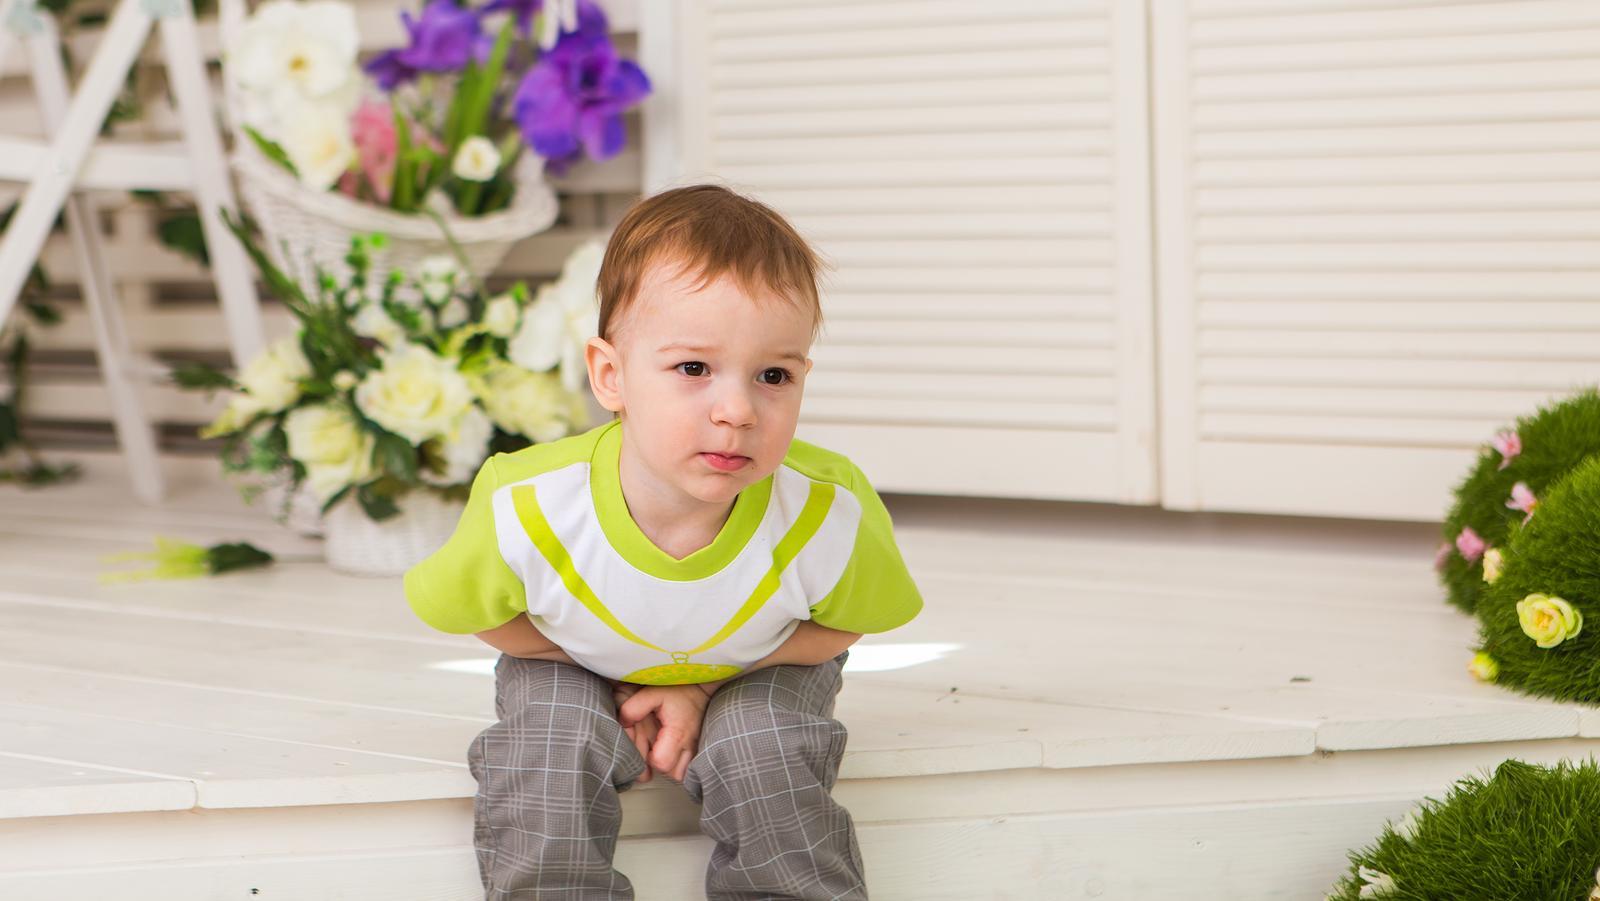 Verstopfung im Kindesalter: Ursachen, Symptome und Behandlungen